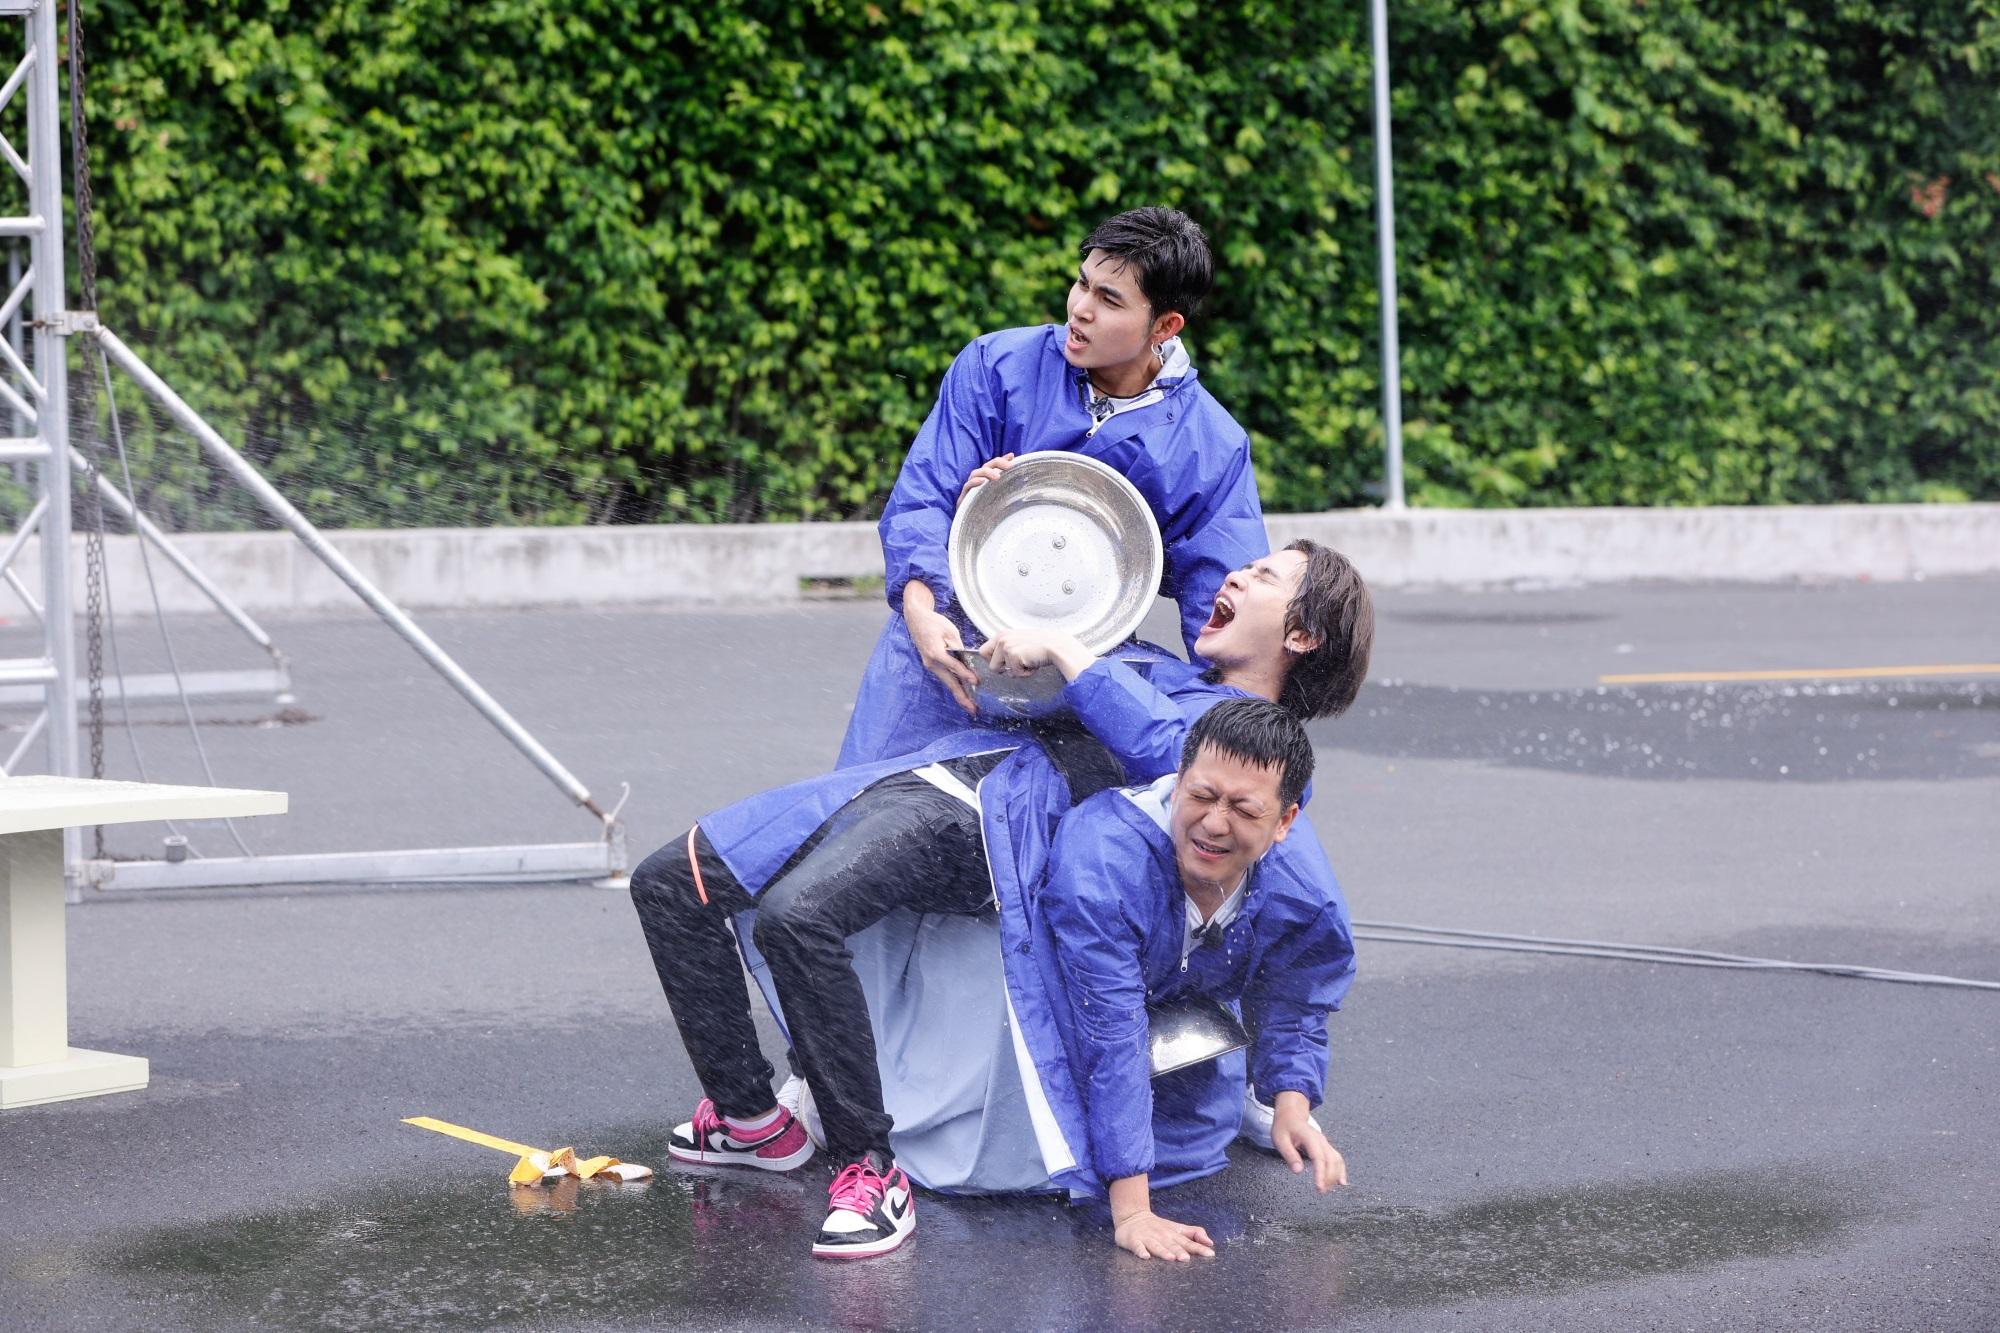 Running Man tập 1: Trường Giang bị 'truy sát', Jack không những xuất hiện mà còn lăm le xé bảng tên Liên Bỉnh Phát - Ảnh 7